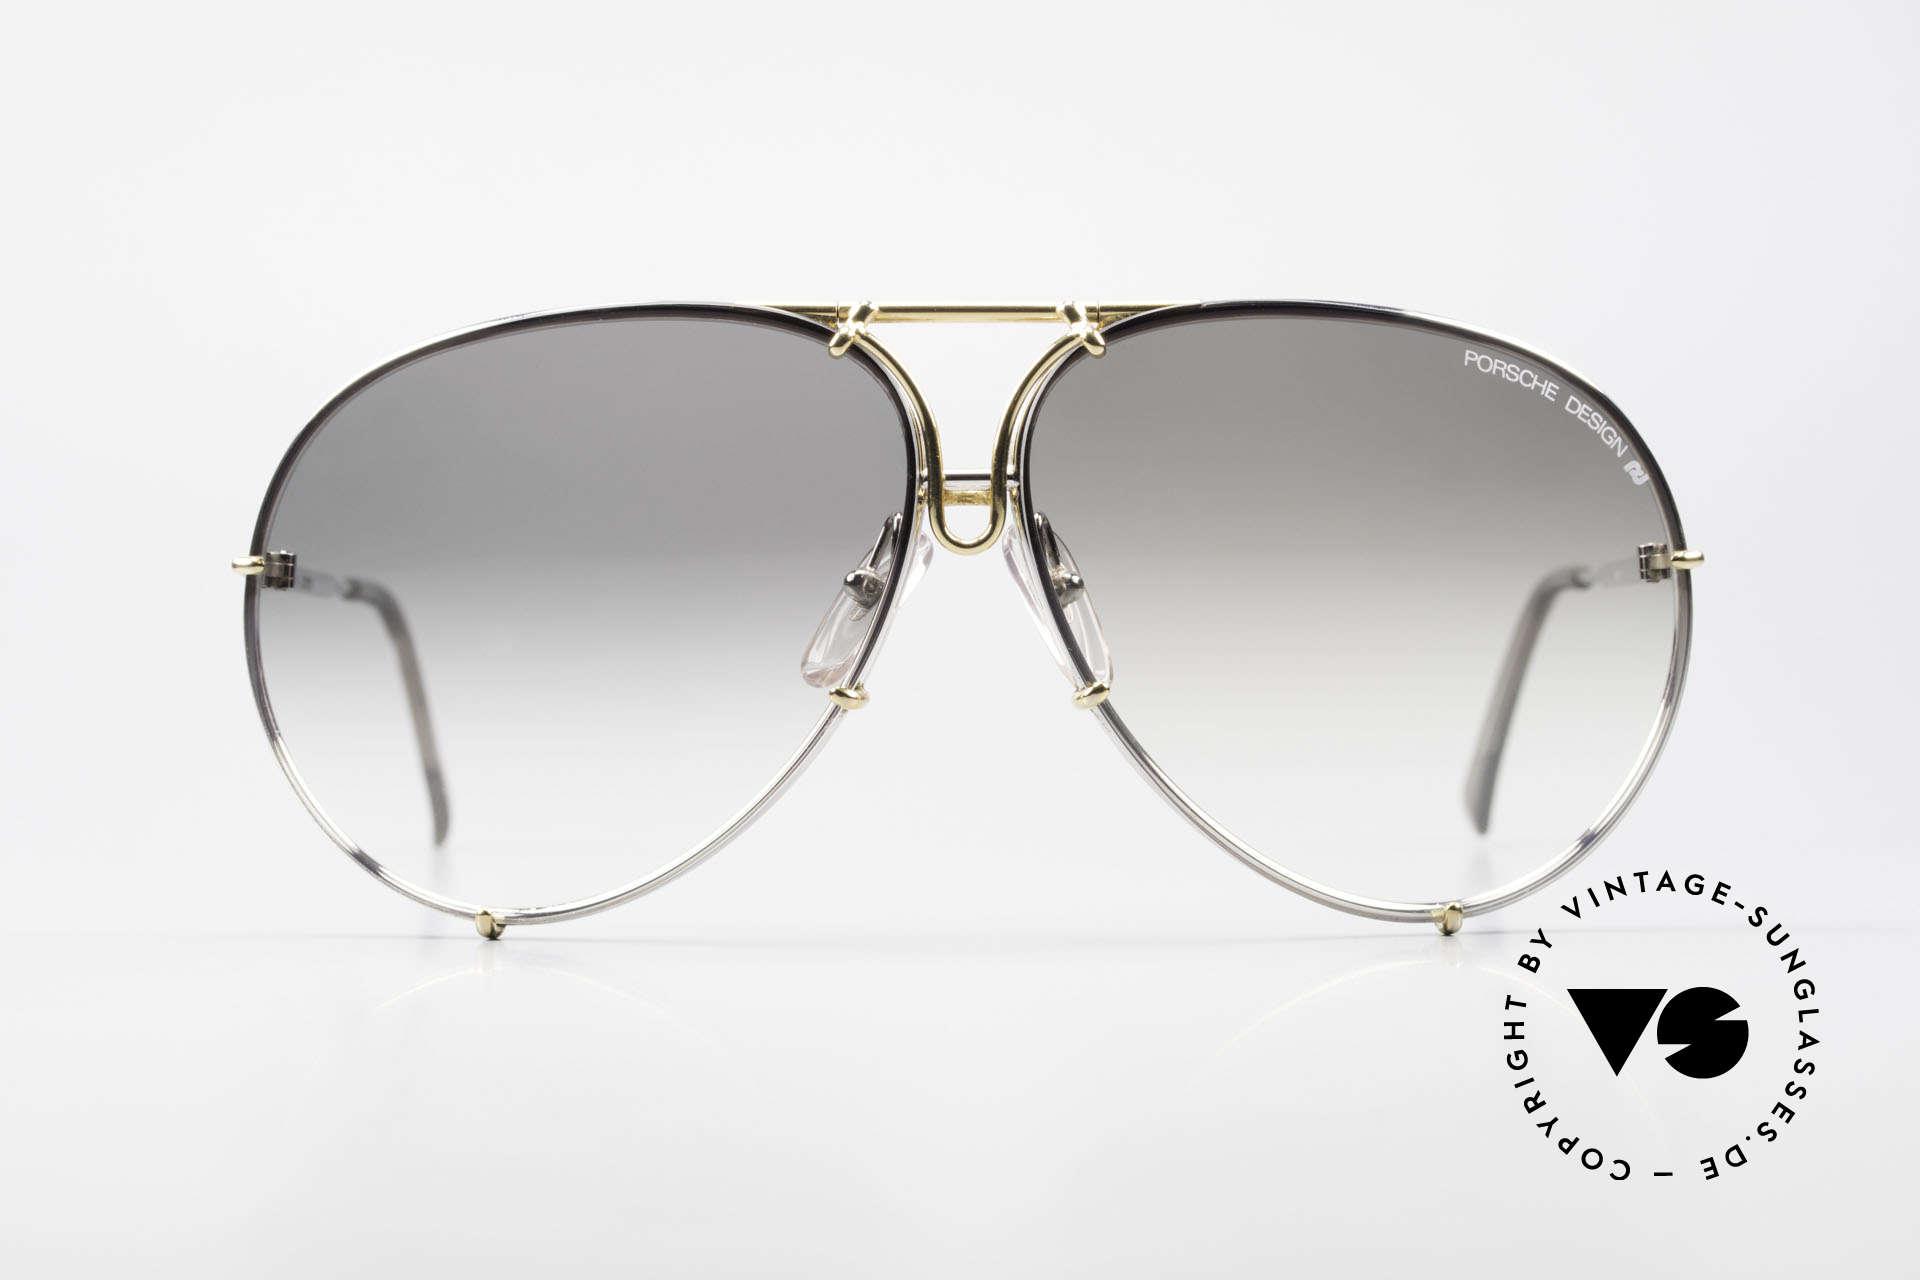 Porsche 5621 Old 80's Bicolor Sunglasses, a true sunglass' classic for men: bicolor (gold/silver), Made for Men